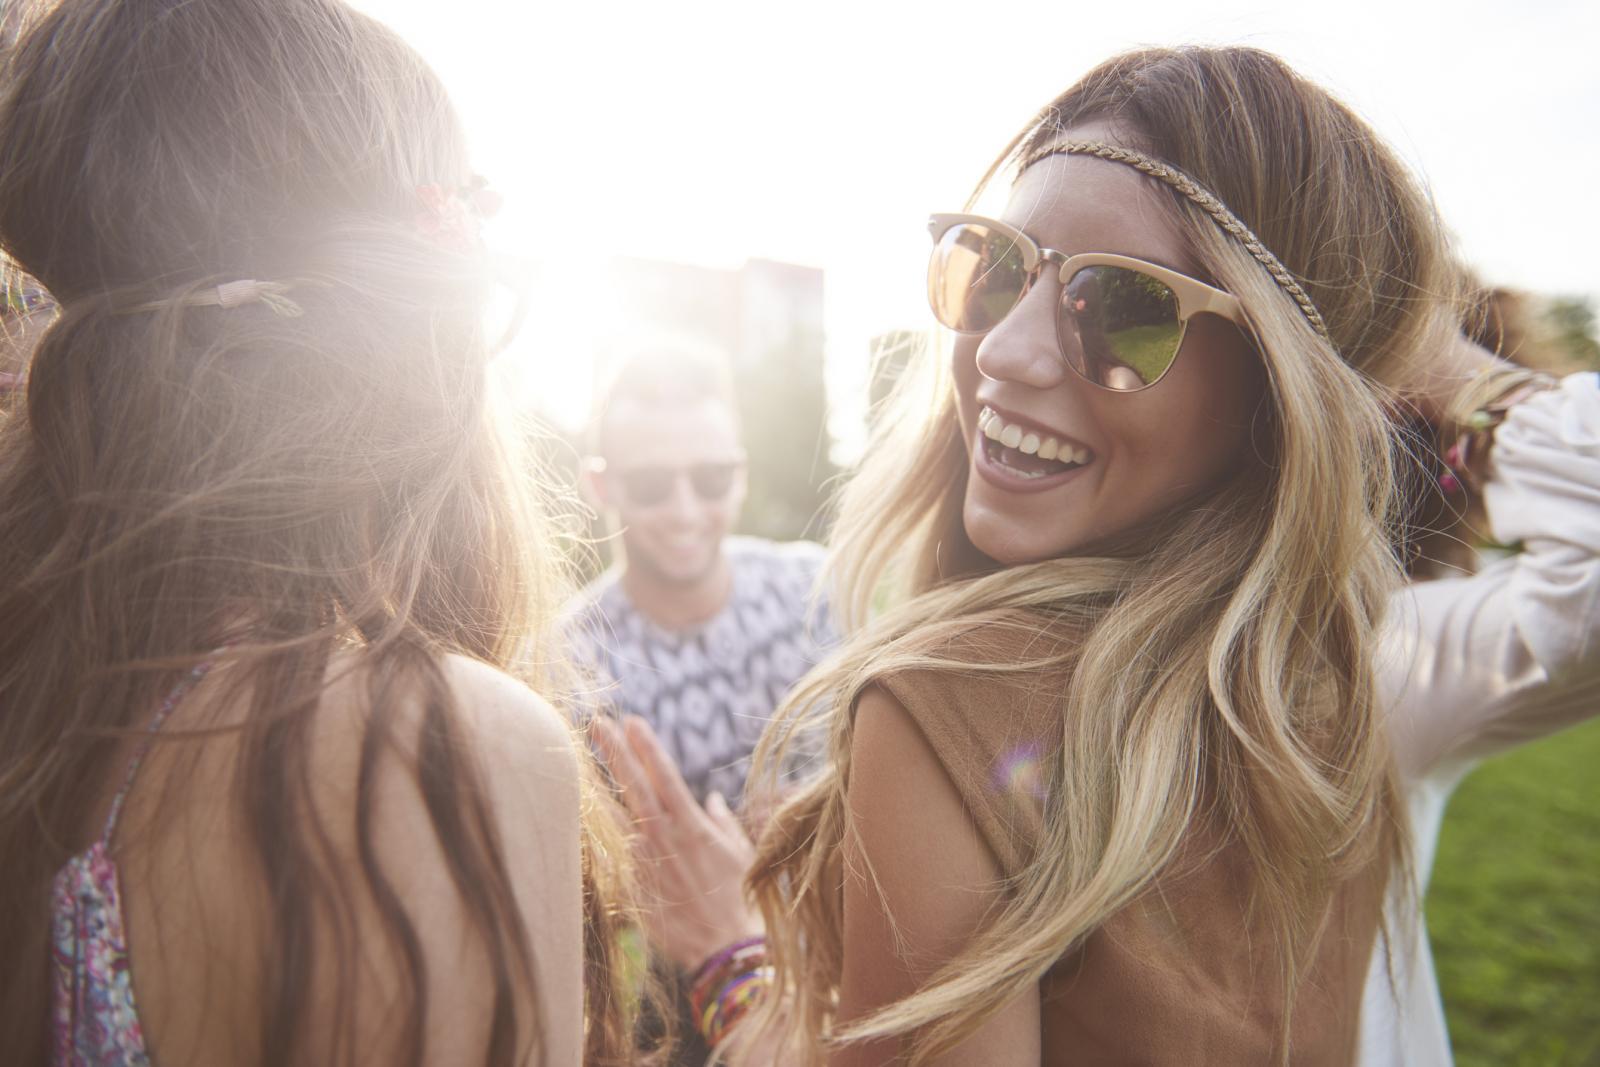 Toliko se radujemo ljetu i bitnom nam vitaminu D, no ipak bismo trebali znati kako zbog sunca i ljetnih vrućina naše tijelo traži posebnu njegu.